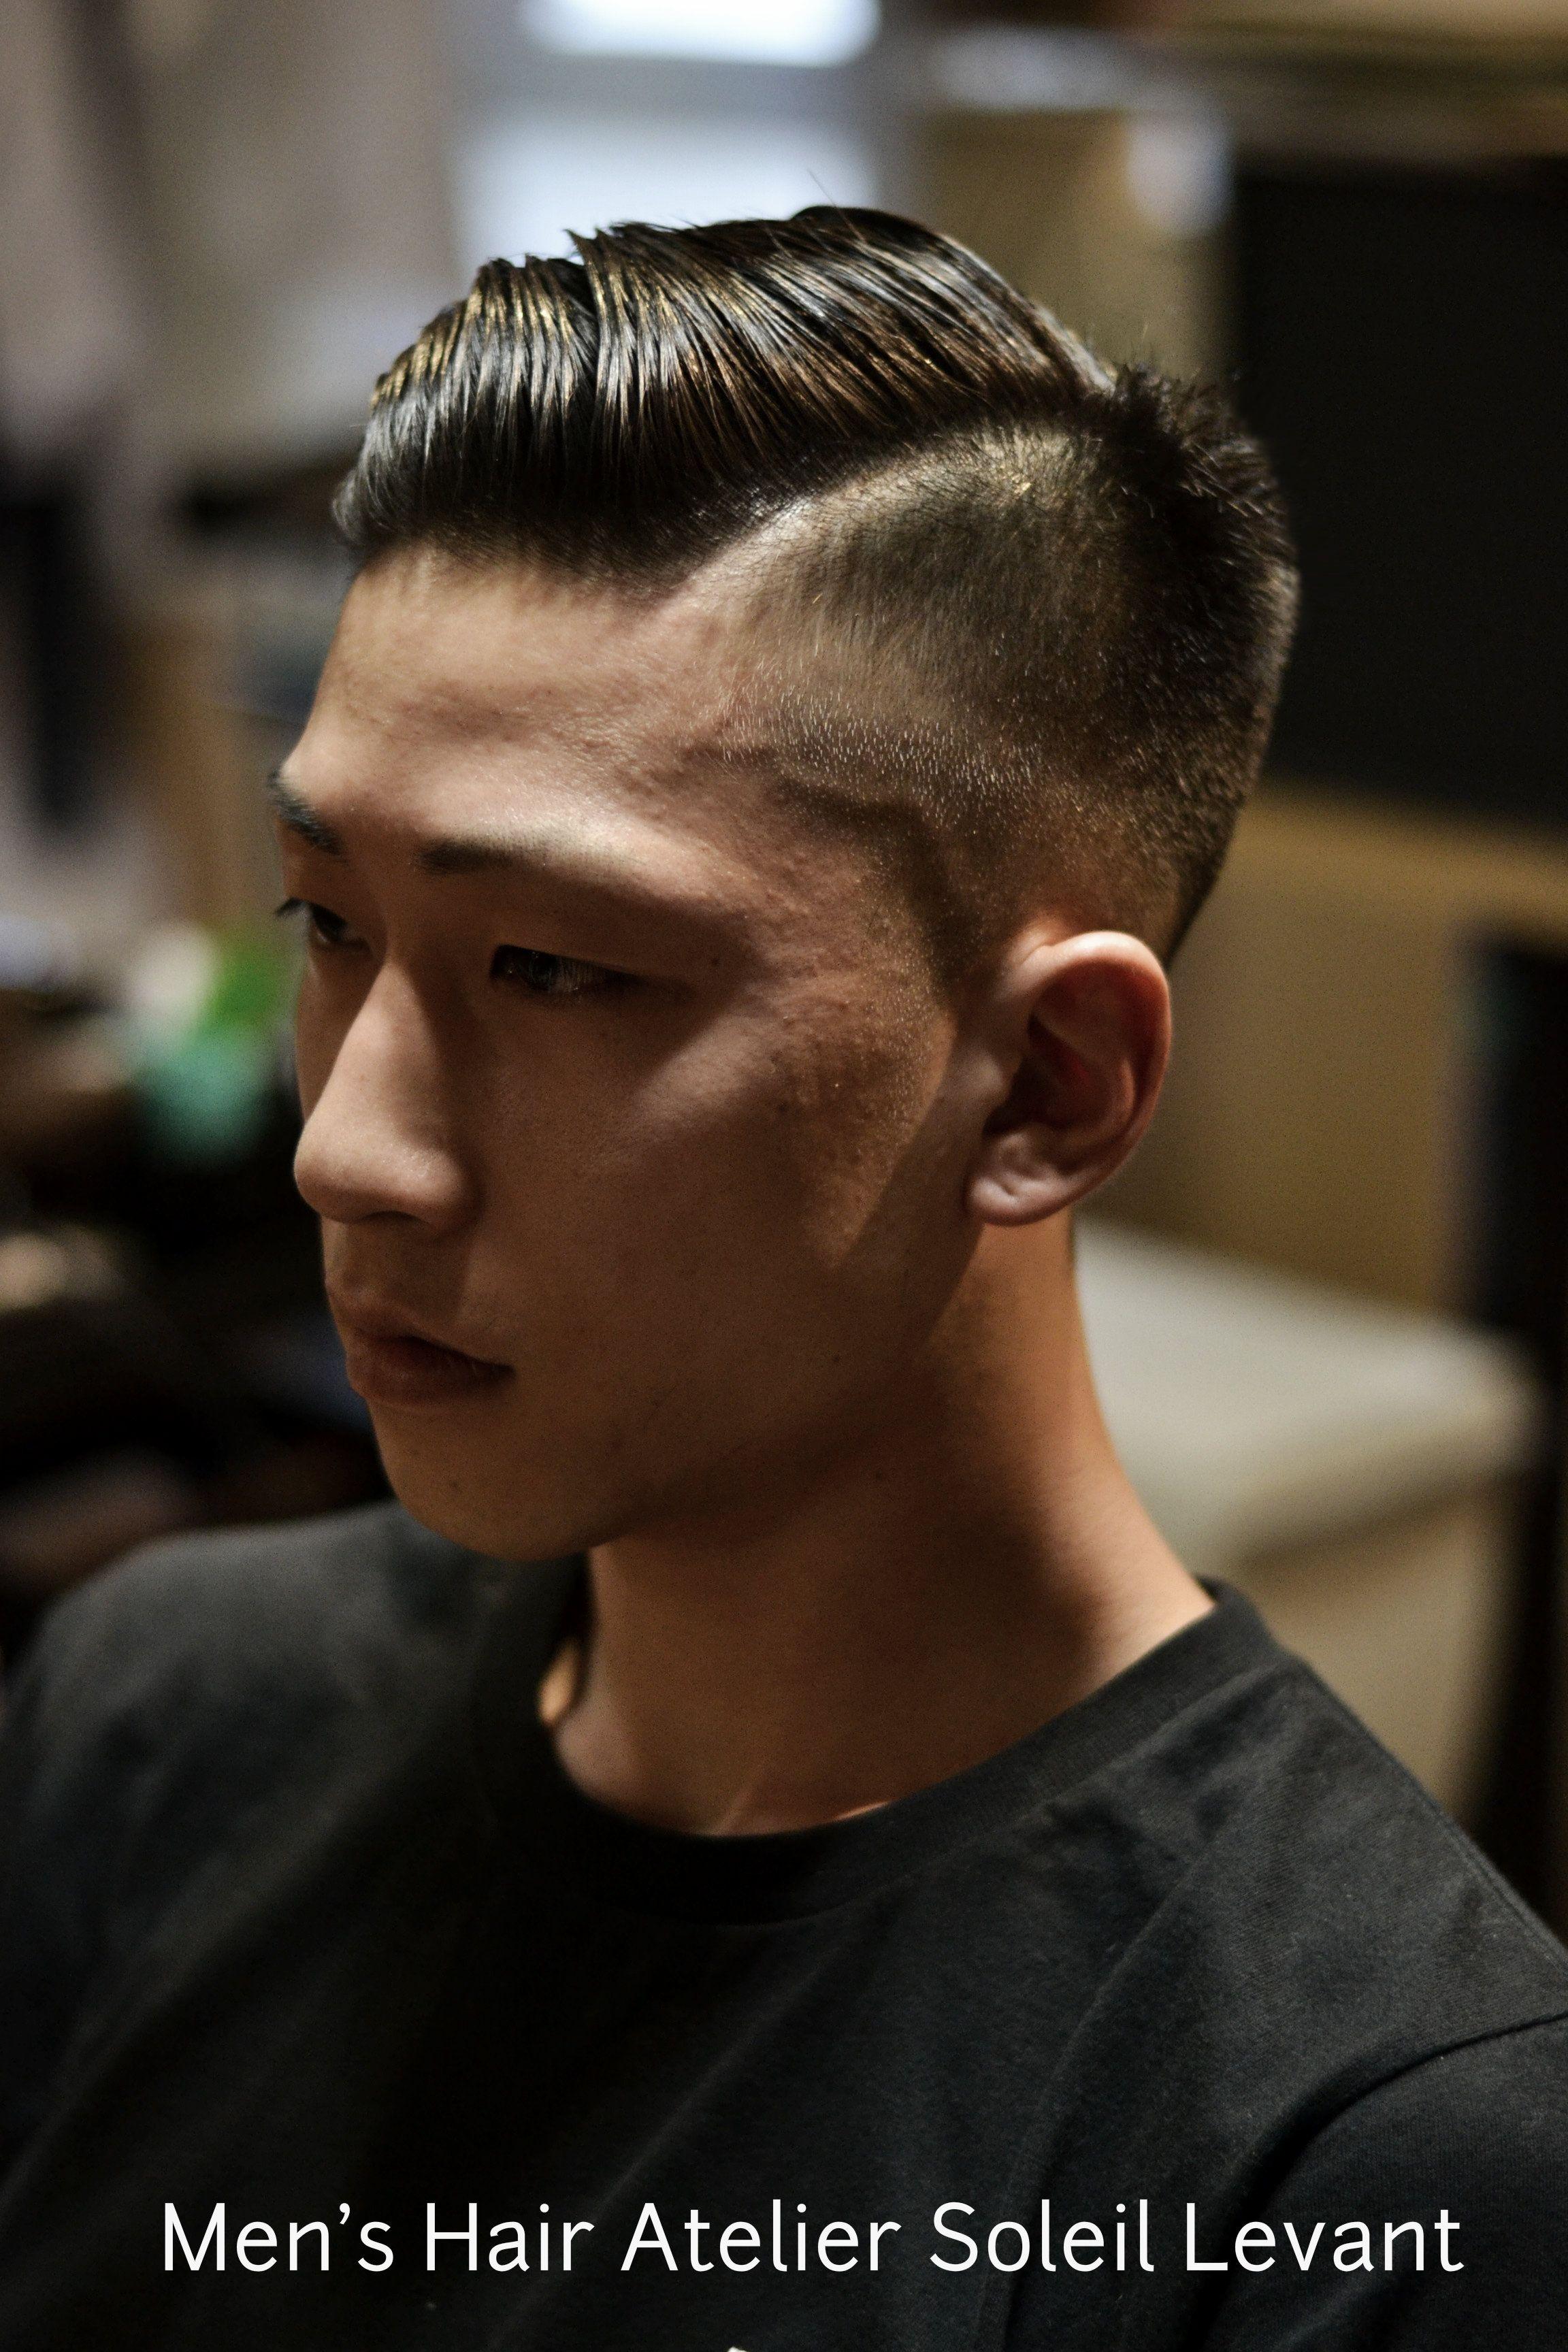 スキンフェード 岡山 倉敷 fashion pinterest hair style man